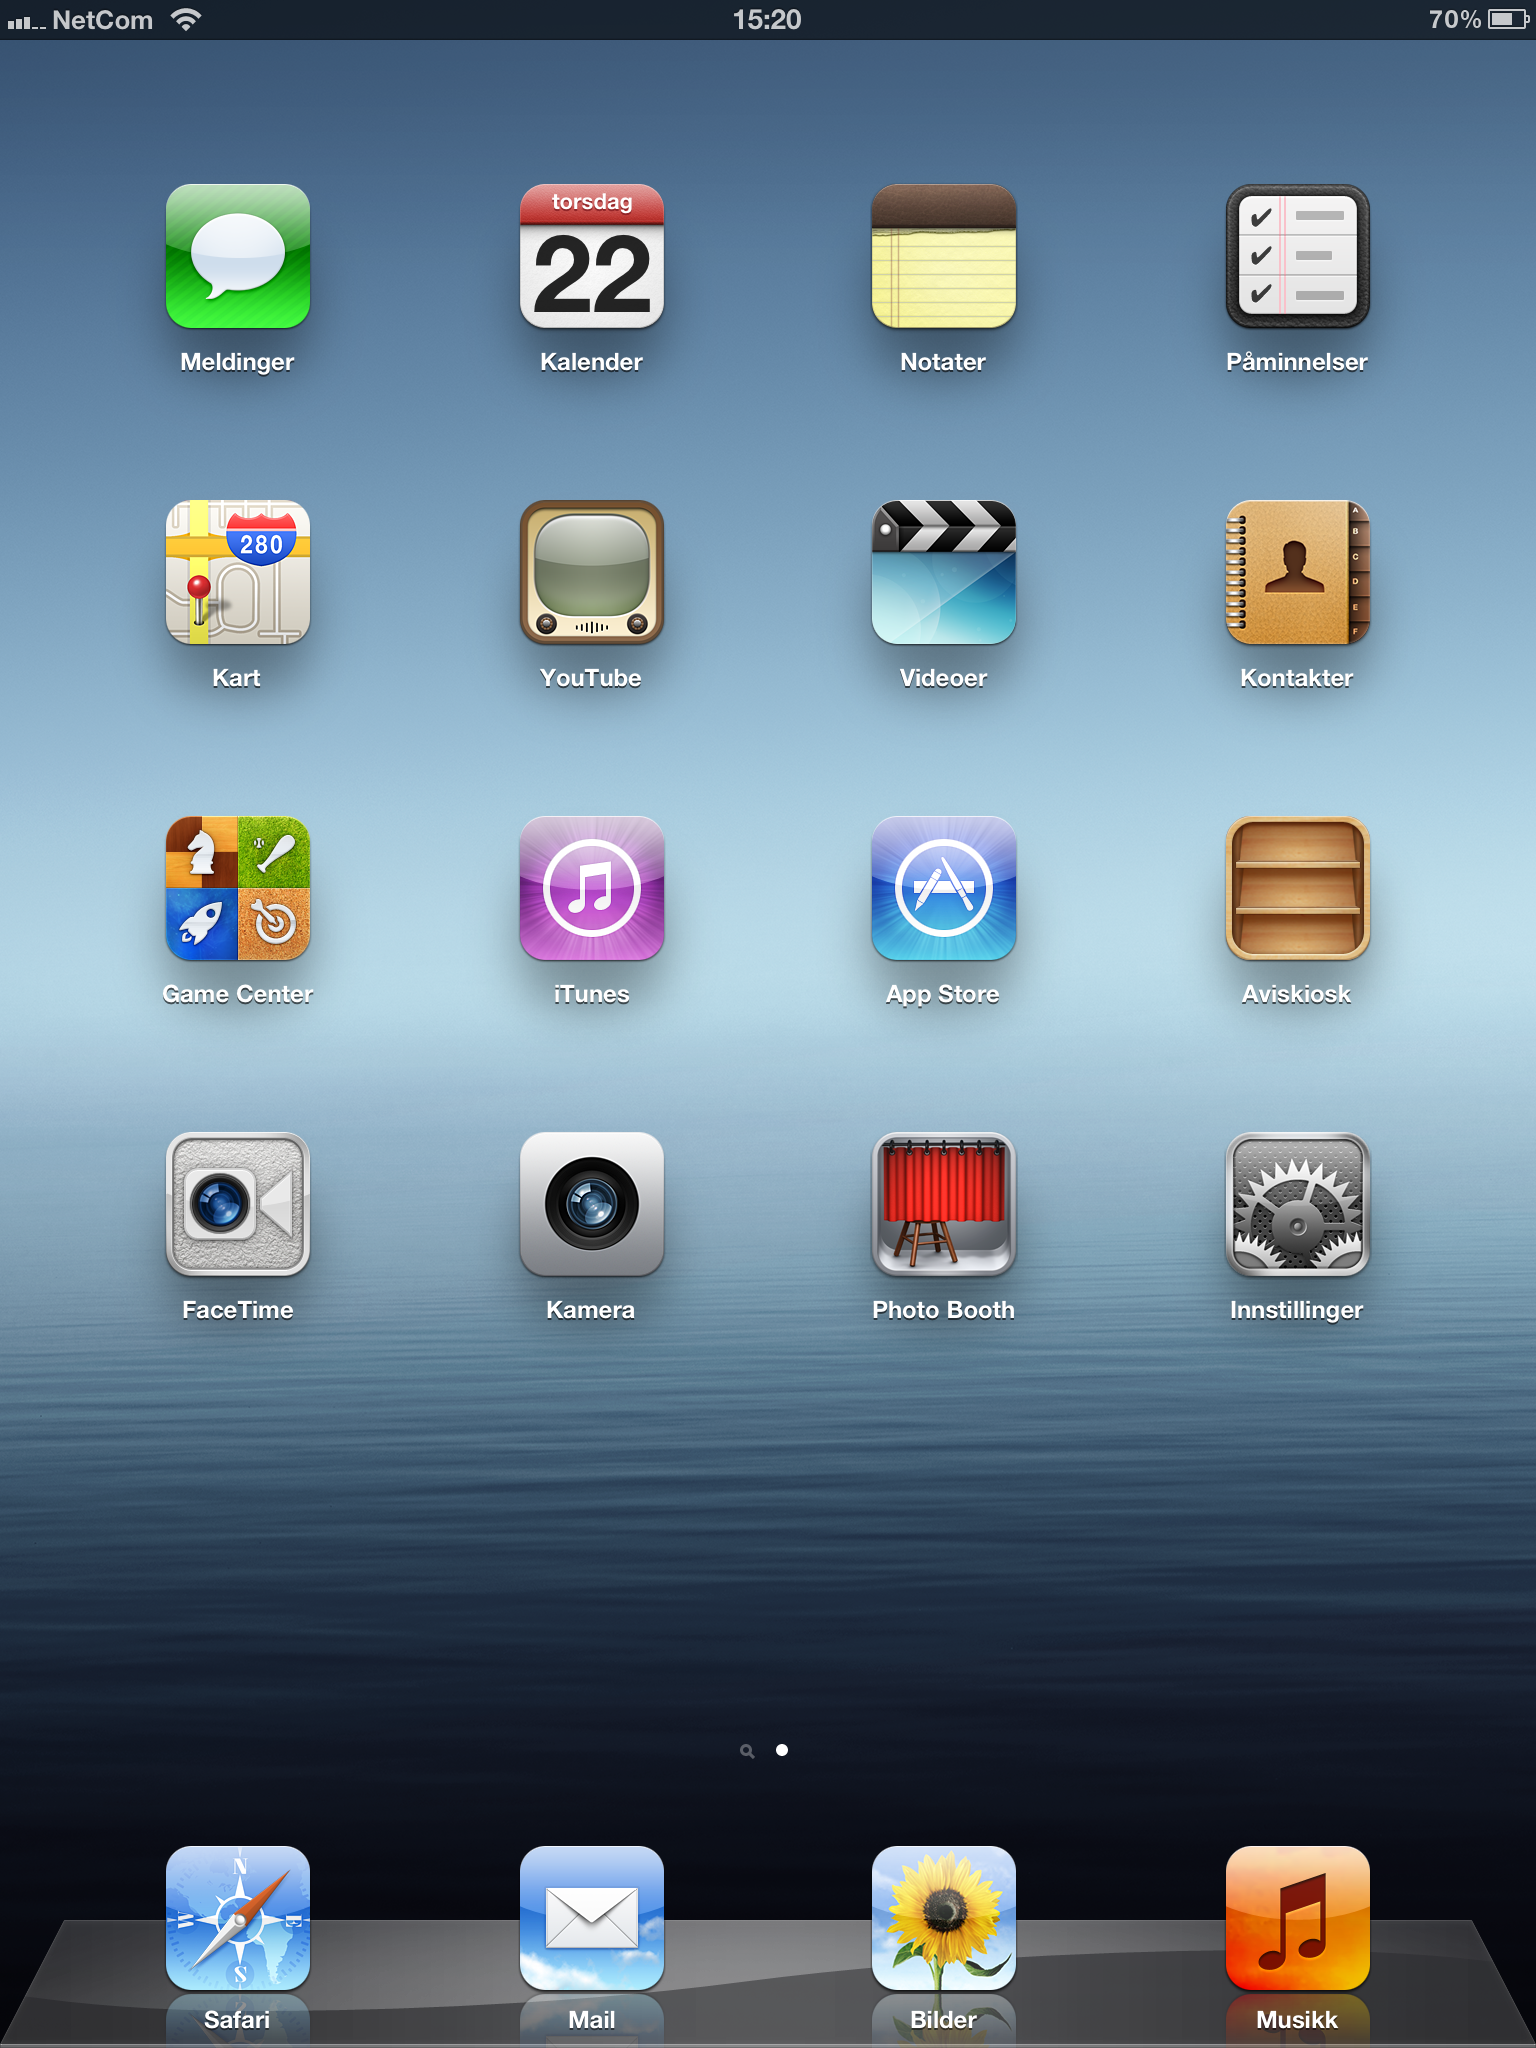 Klikker du på dette bildet får du se det i fullversjon. Klikker du på bildet under kan du sammenlikne med fullversjon av skjermdump fra iPad 2.